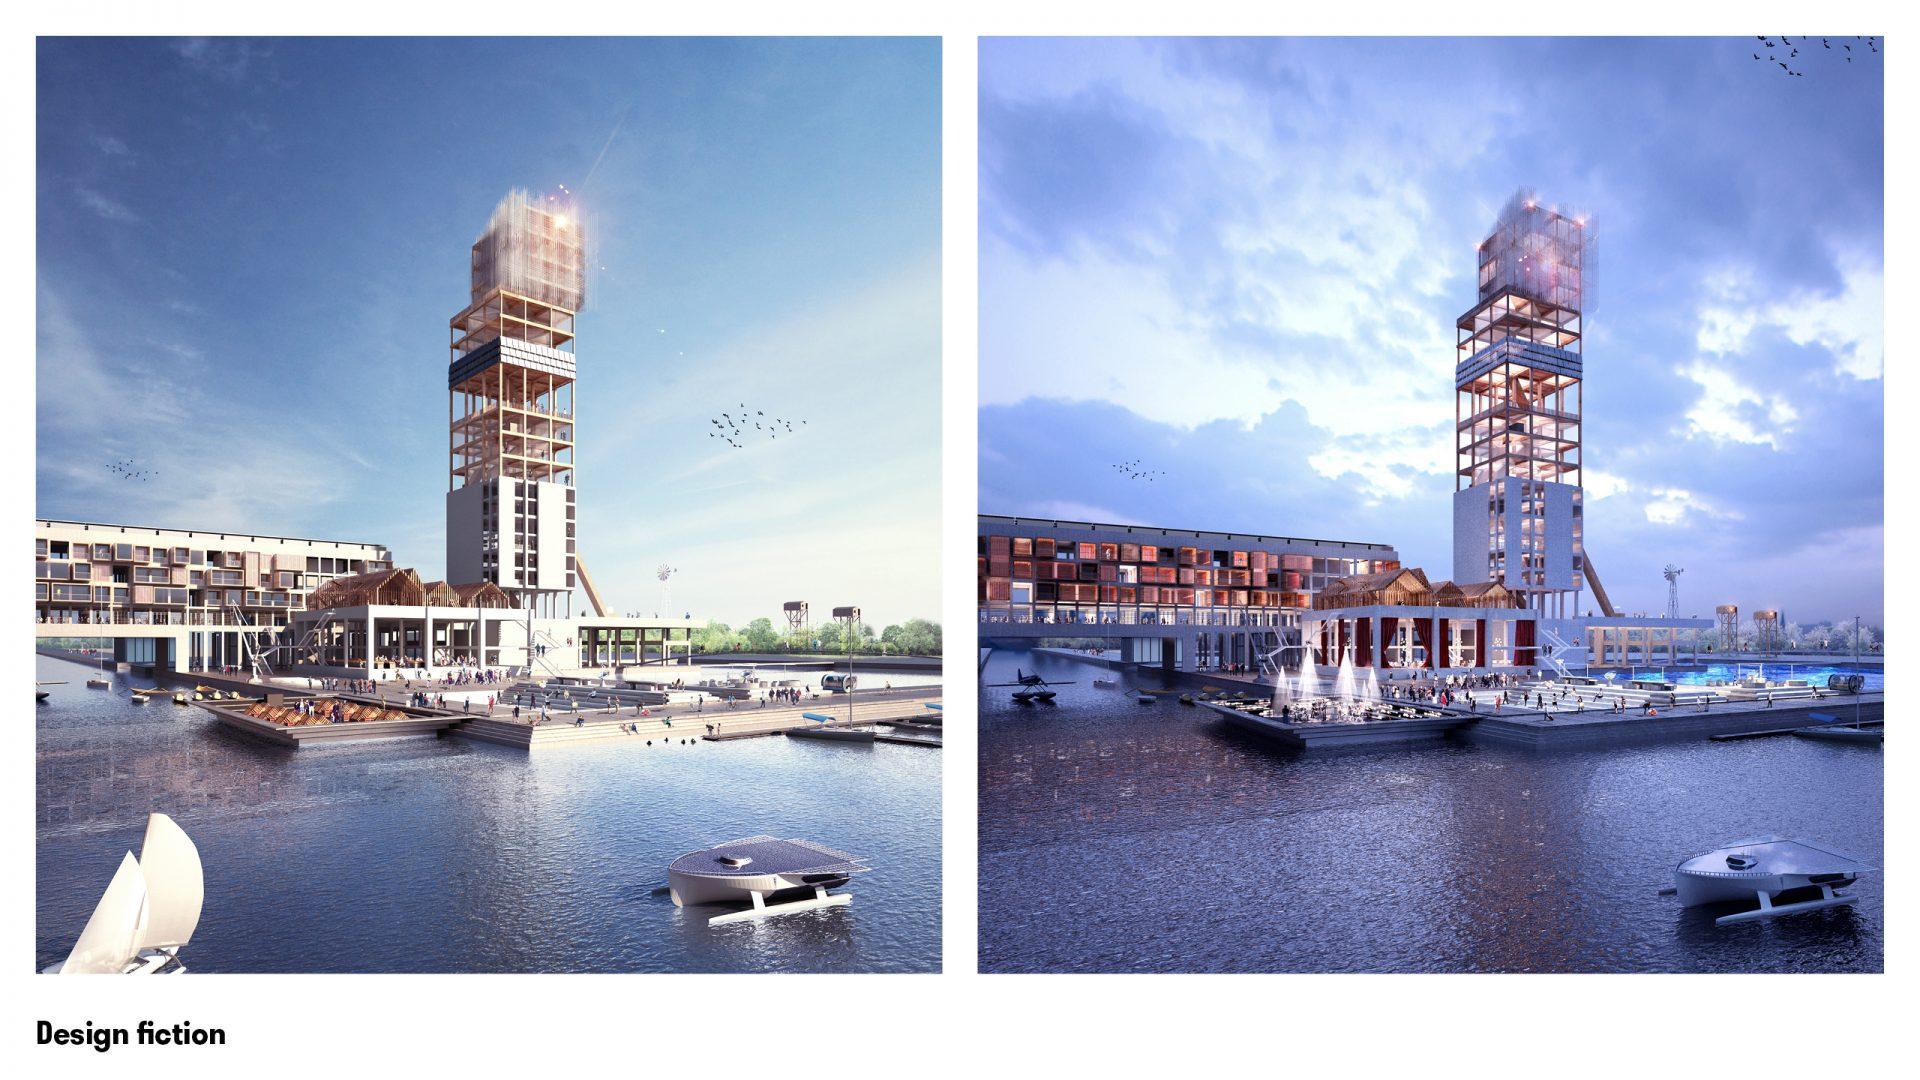 Axionomia, concours EDF Bas Carbone - 2017 / RF Studio en collaboration avec l'Atelier d'Architecture Vincent Parreira